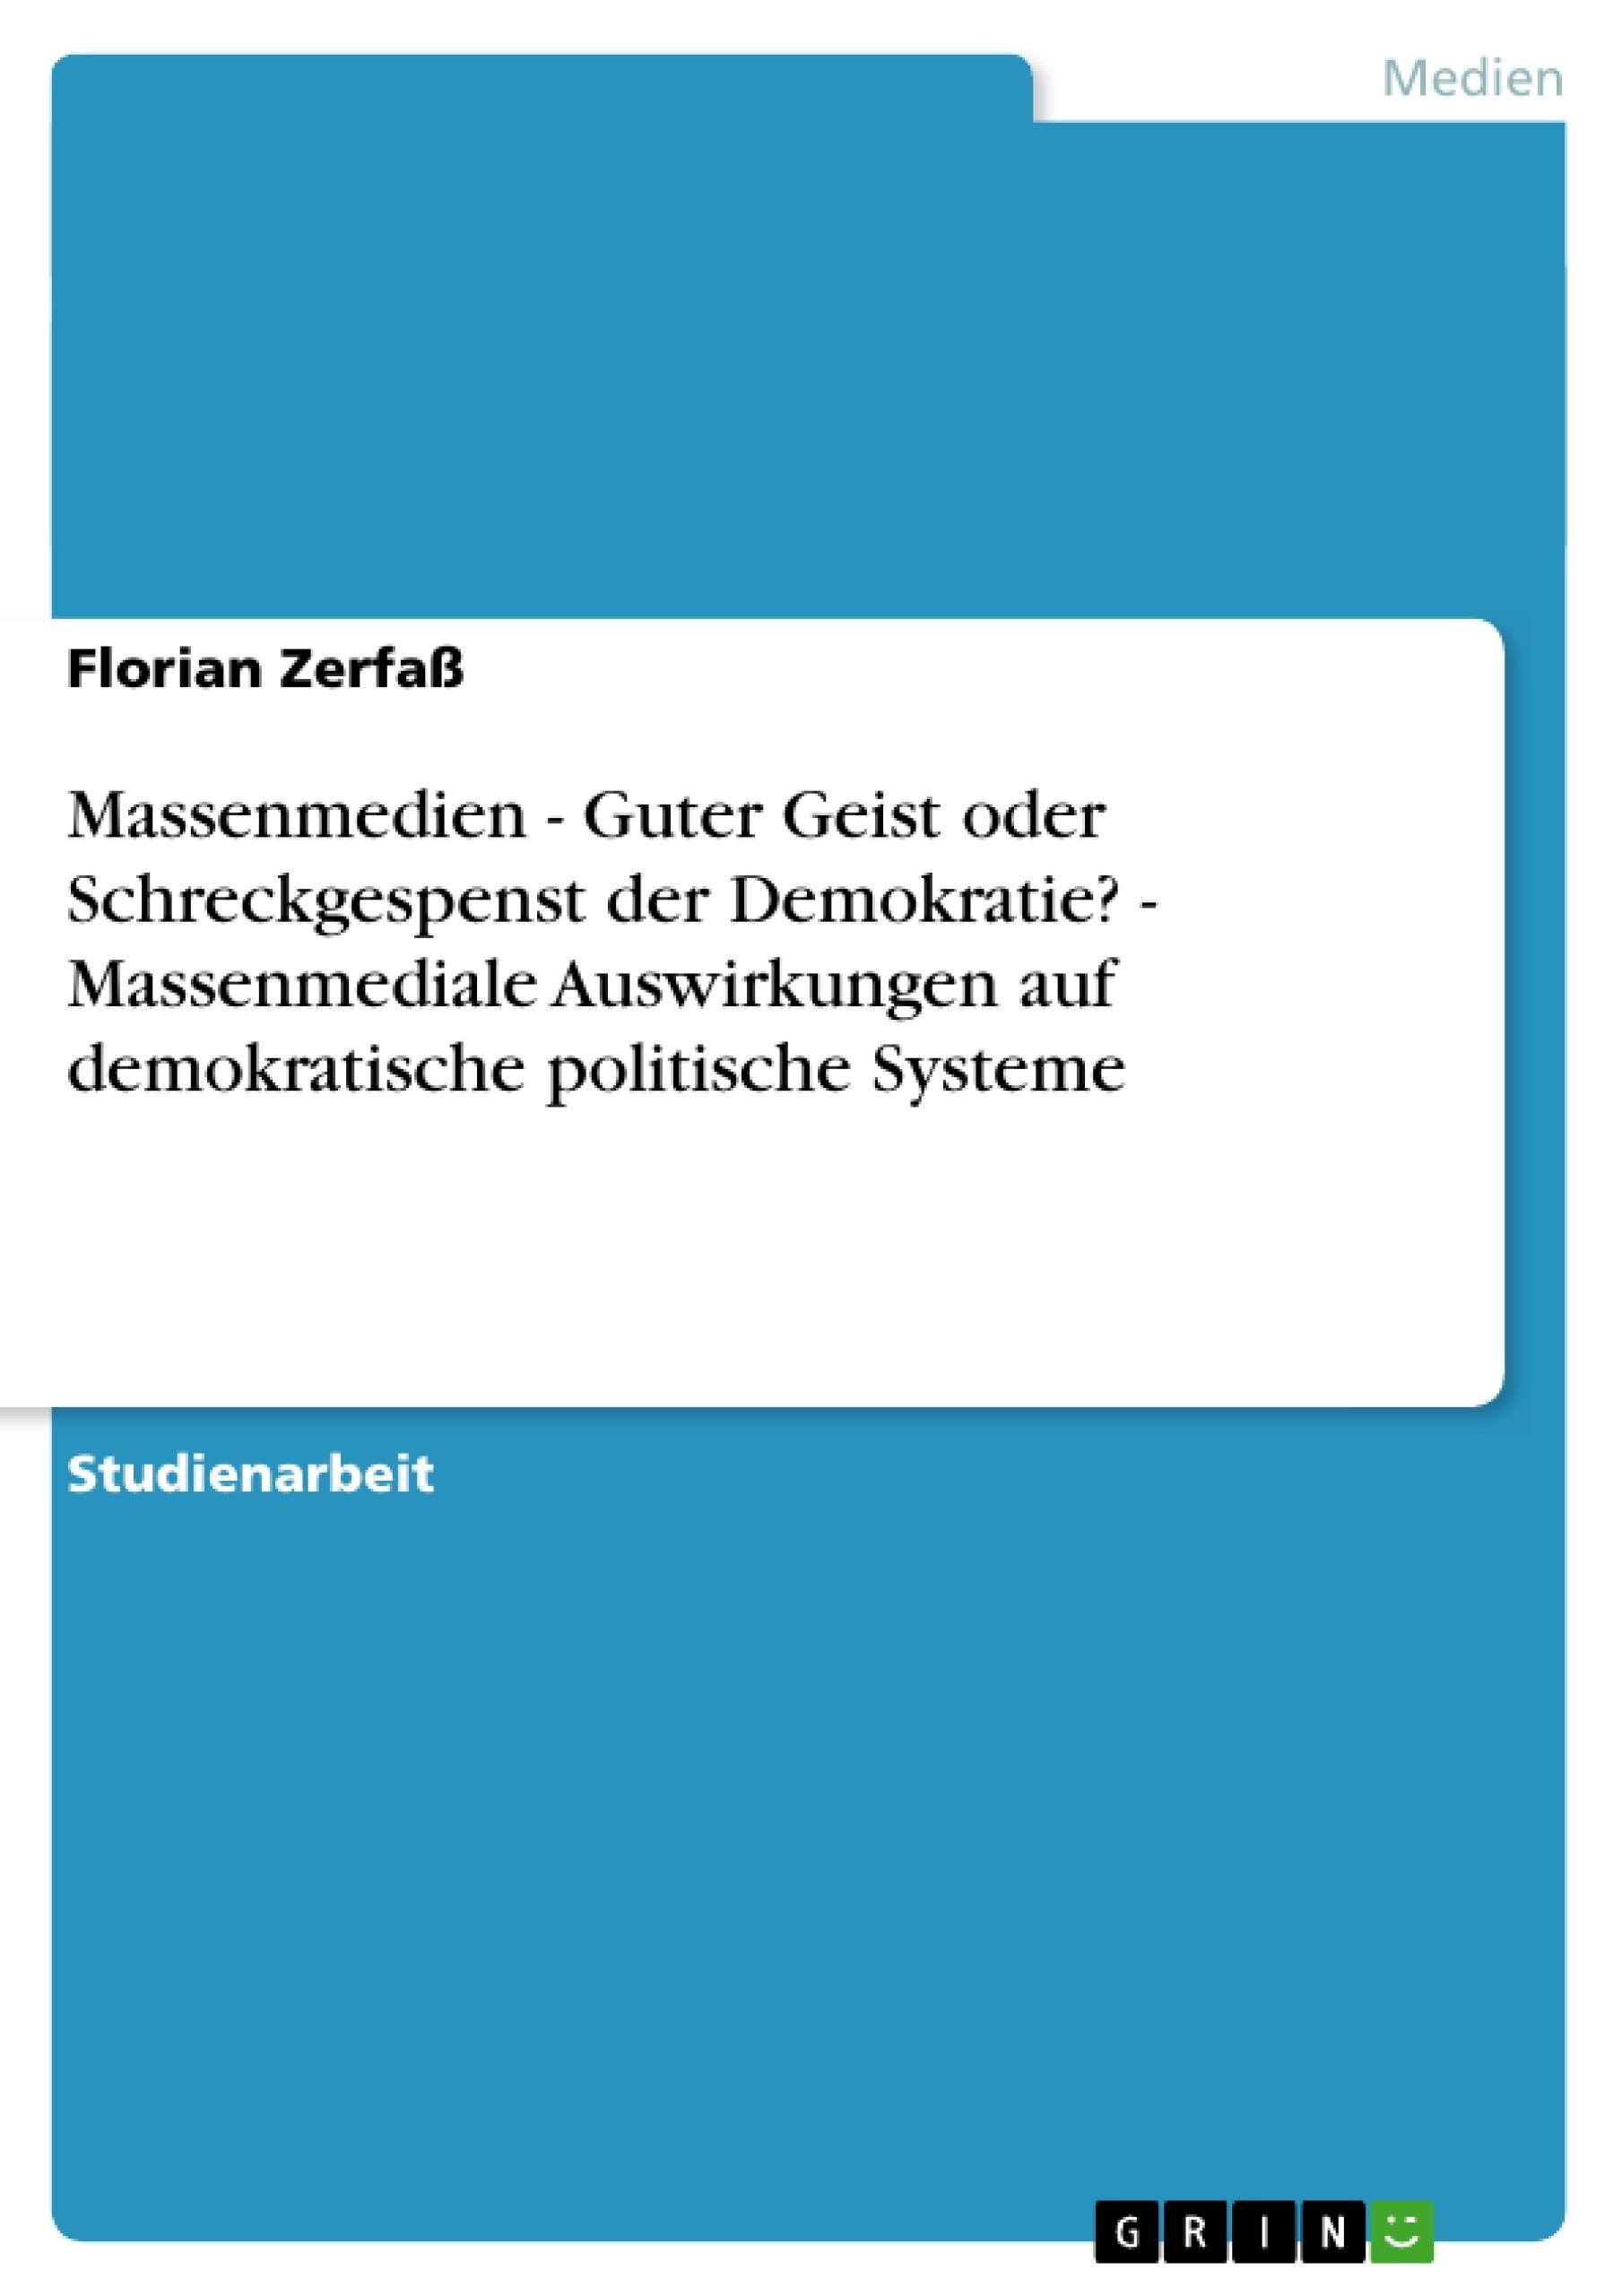 Titel: Massenmedien - Guter Geist oder Schreckgespenst der Demokratie?   - Massenmediale Auswirkungen auf demokratische politische Systeme